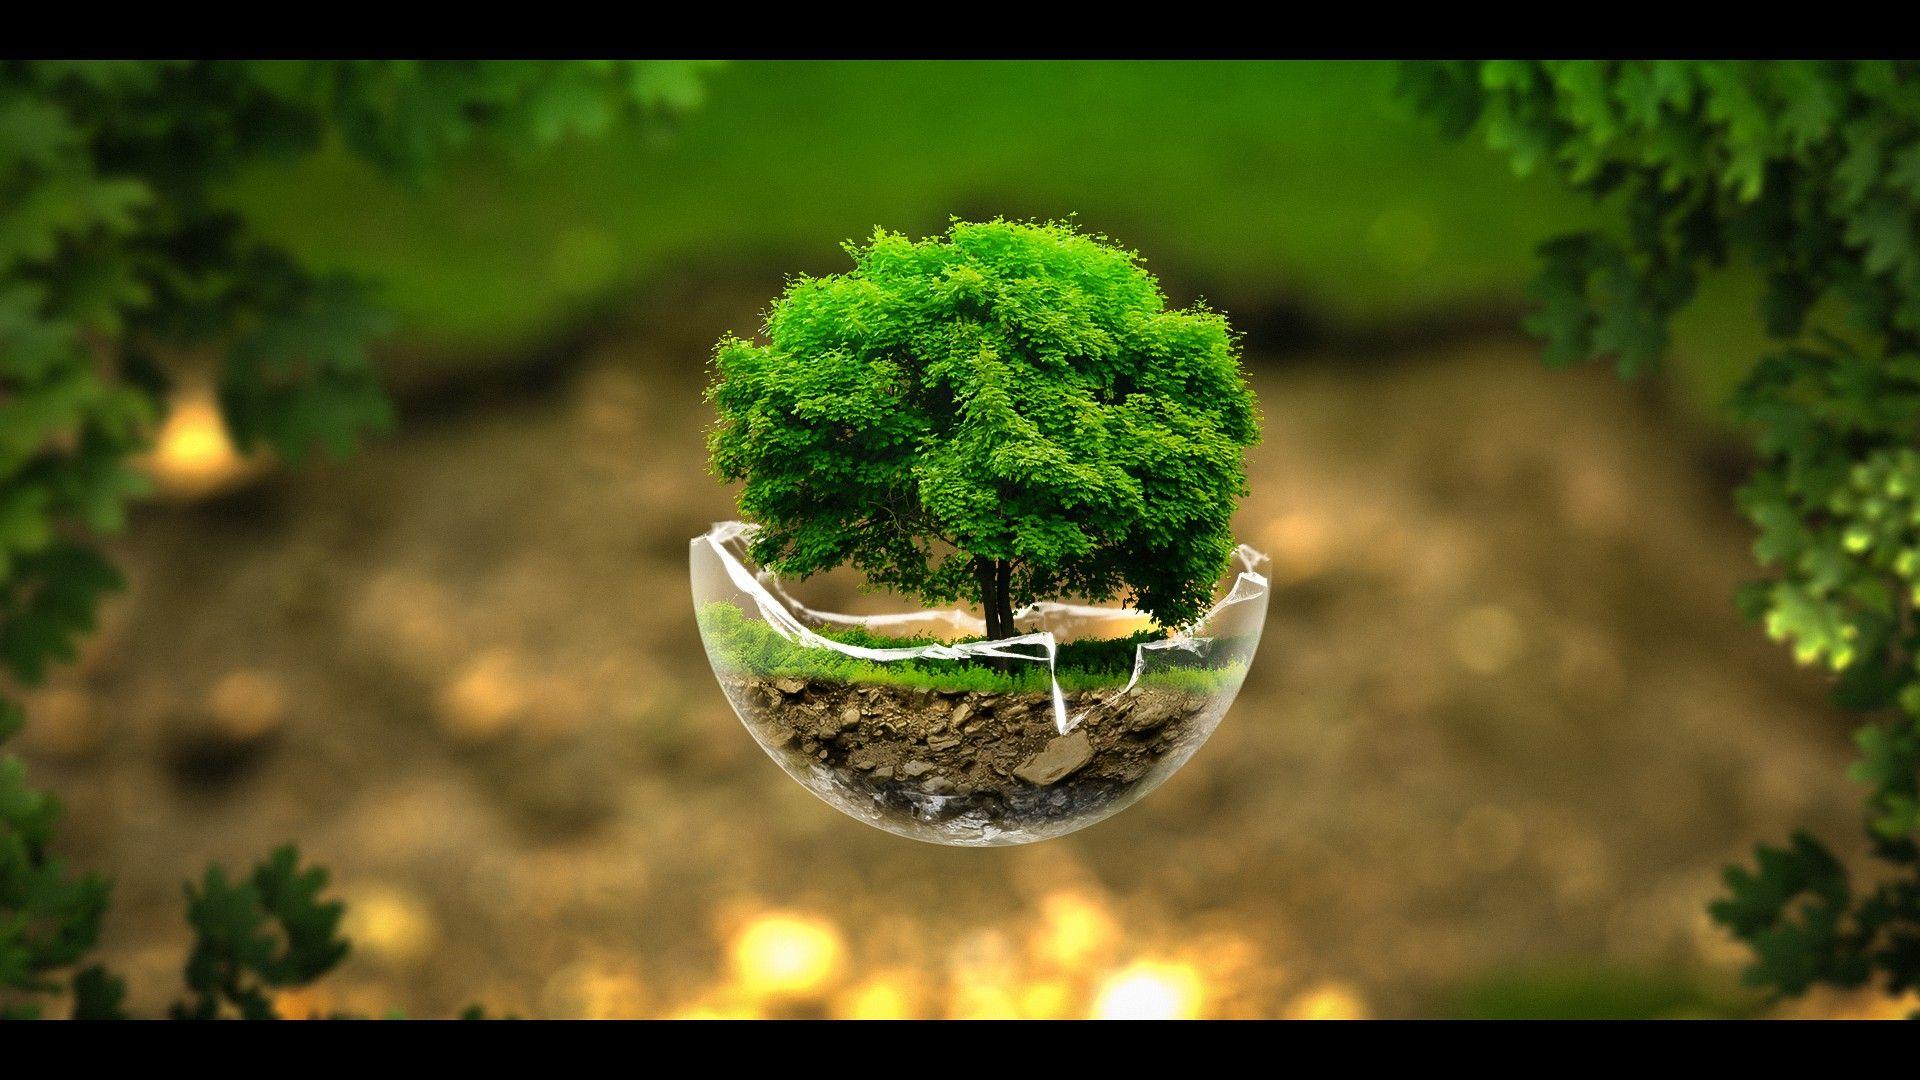 Surreal Nature Sphere HD Wallpaper FullHDWpp   Full HD Wallpapers 1920x1080